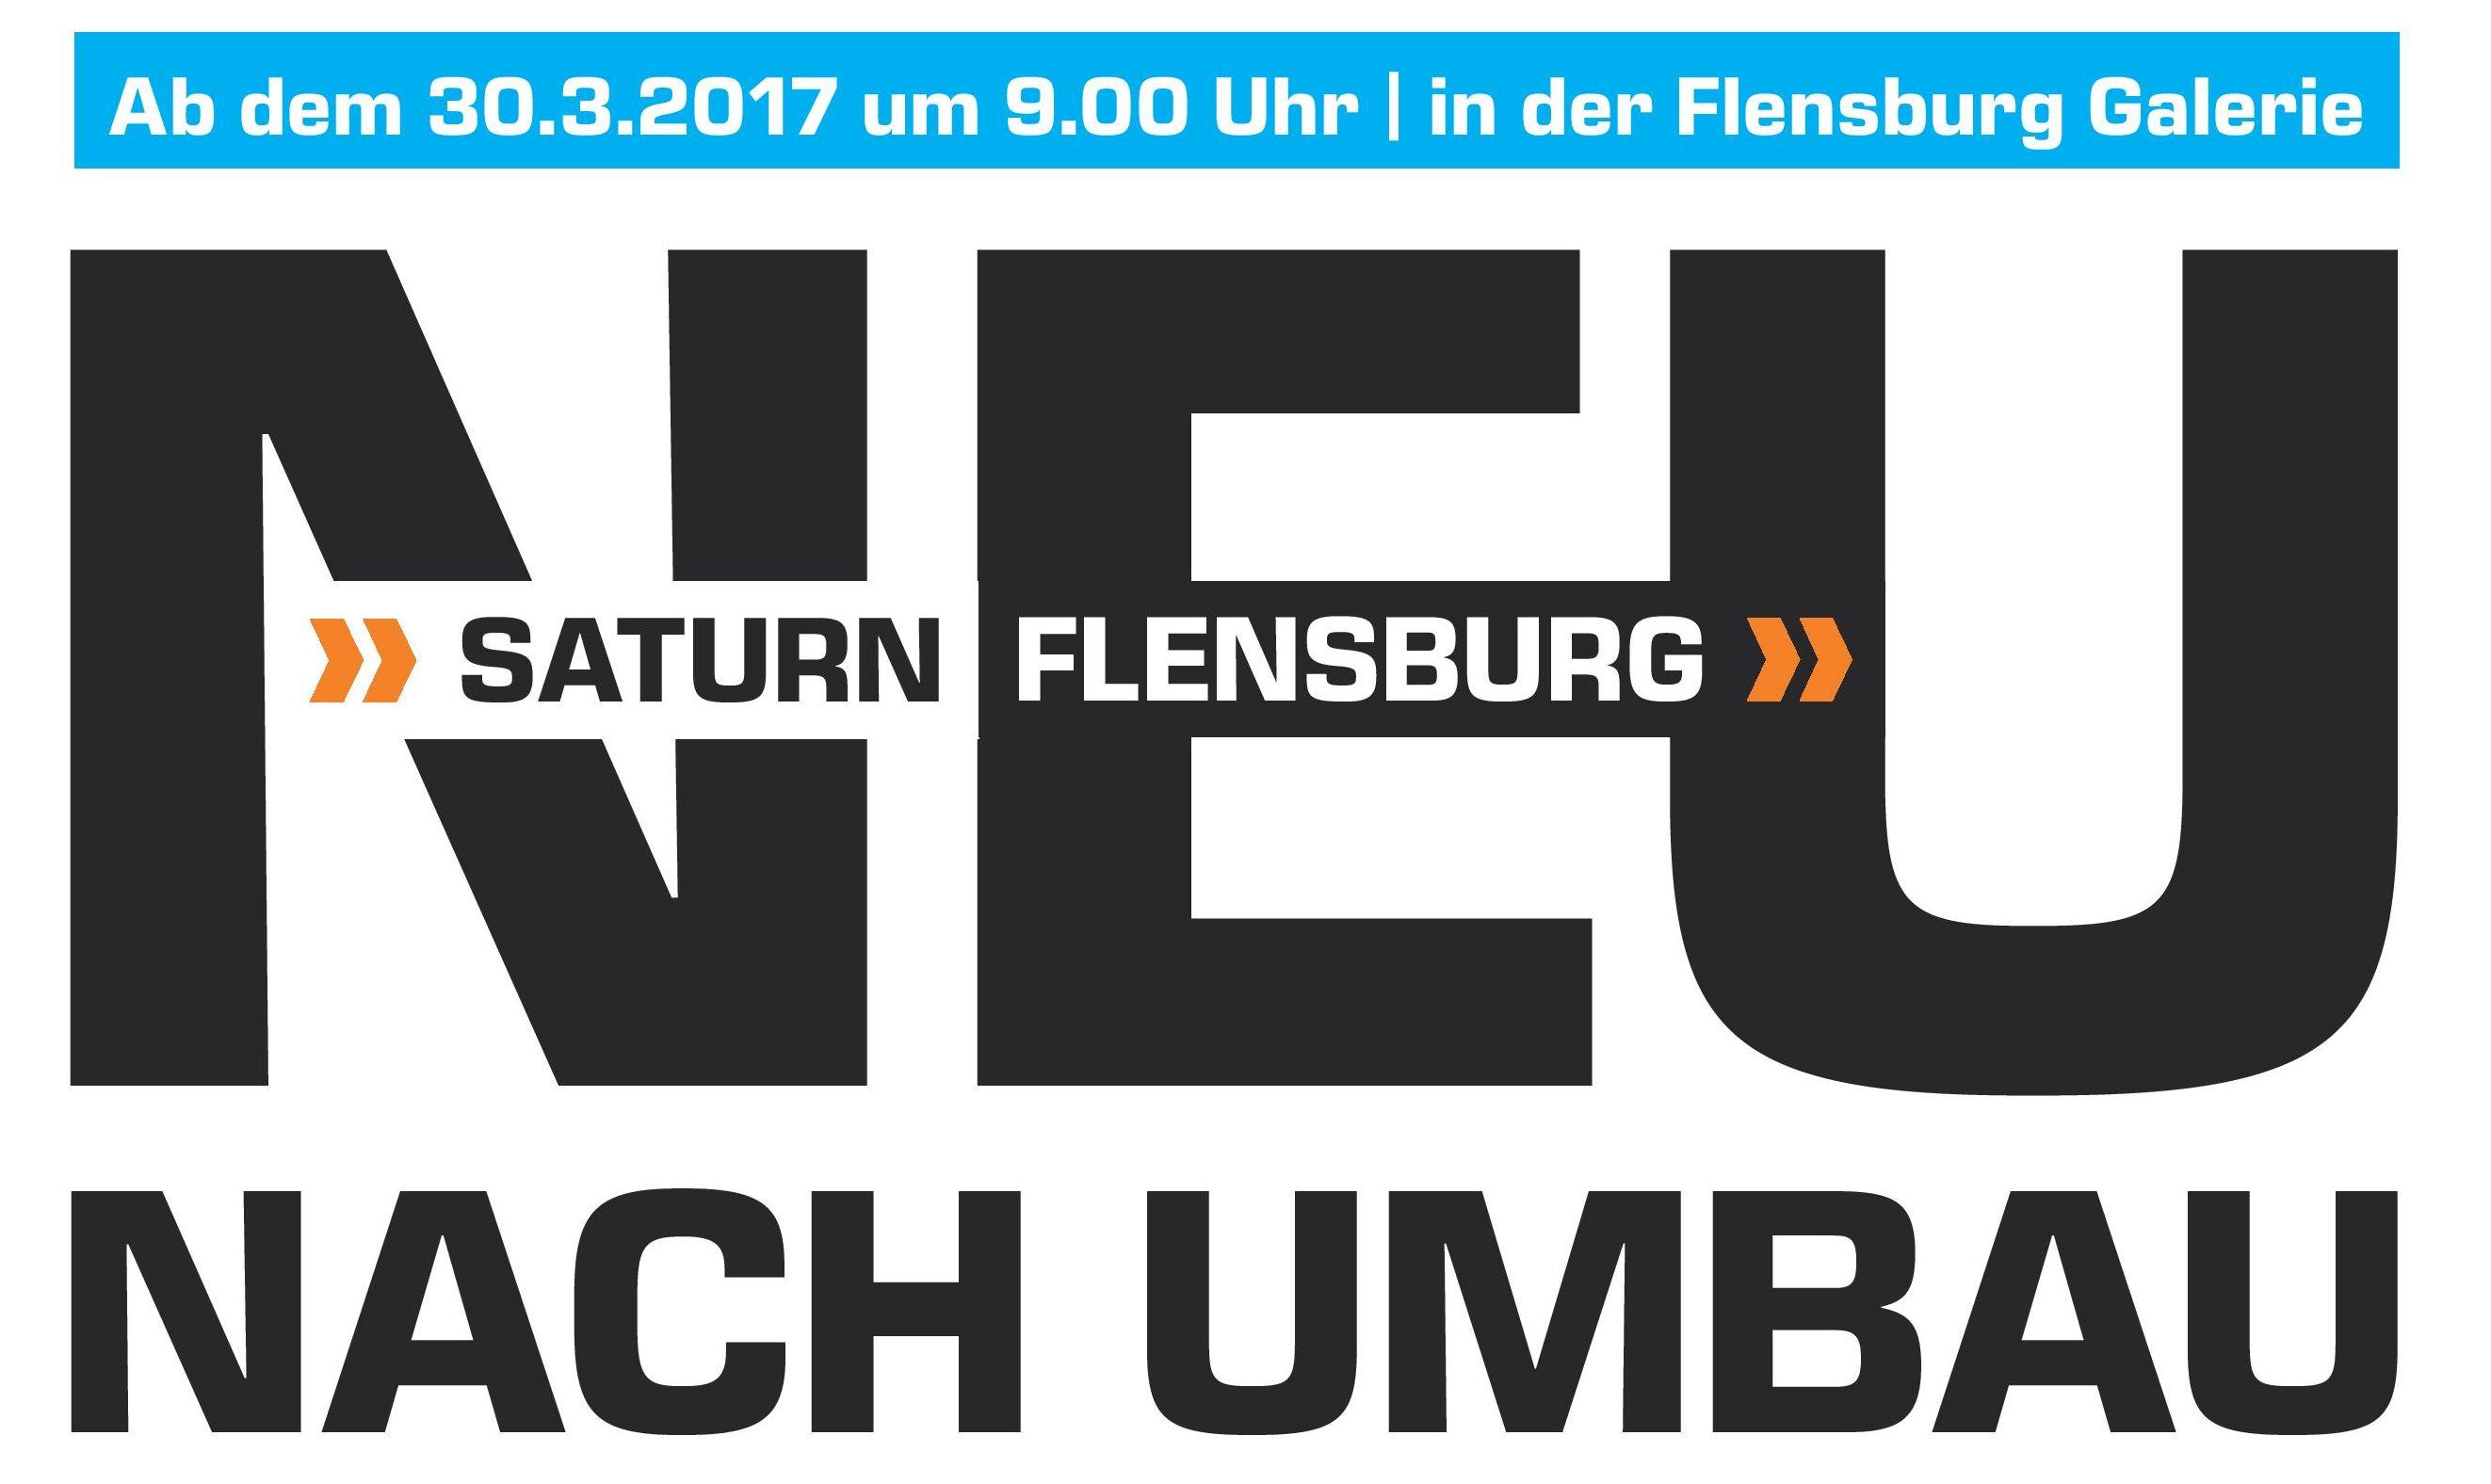 [Sammeldeal-Lokal Saturn Flensburg-Neueröffnung) Huawei Mate 9,64GB,Spacegrey für 499,-€++++AVM Fritz Box 7490 für 149,-€+++Samsung Galaxy S6,32GB für 296,-€ und weitere Angebote...